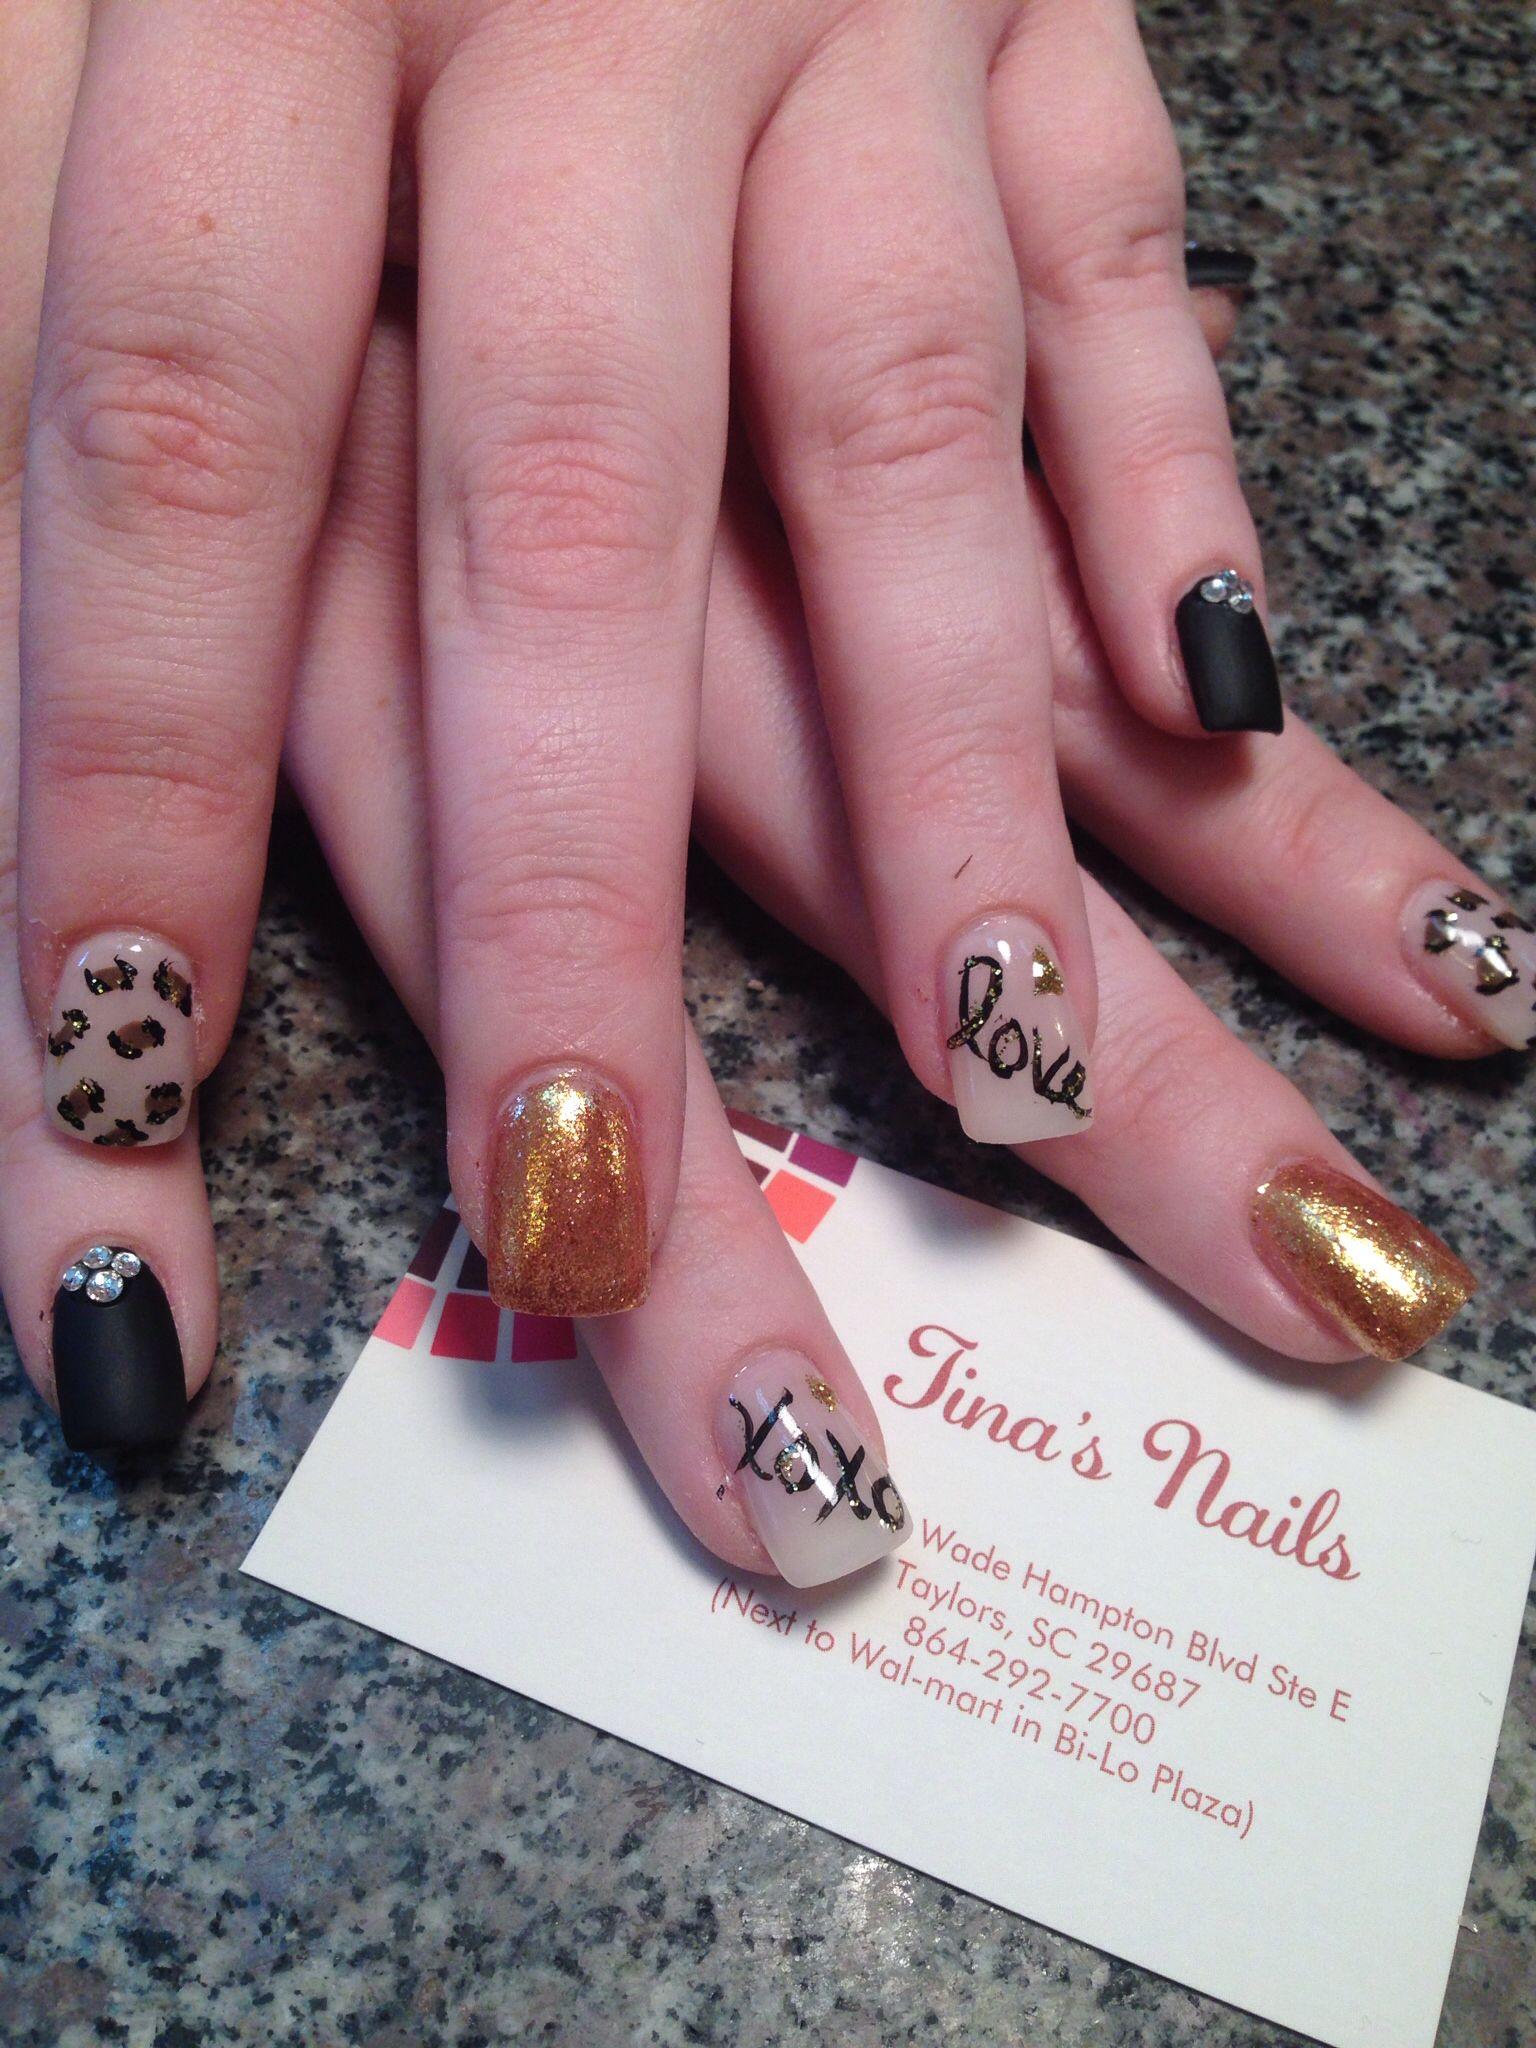 Nail Art Nail Designs Free Hand 3d Art Tinas Nails Designs From